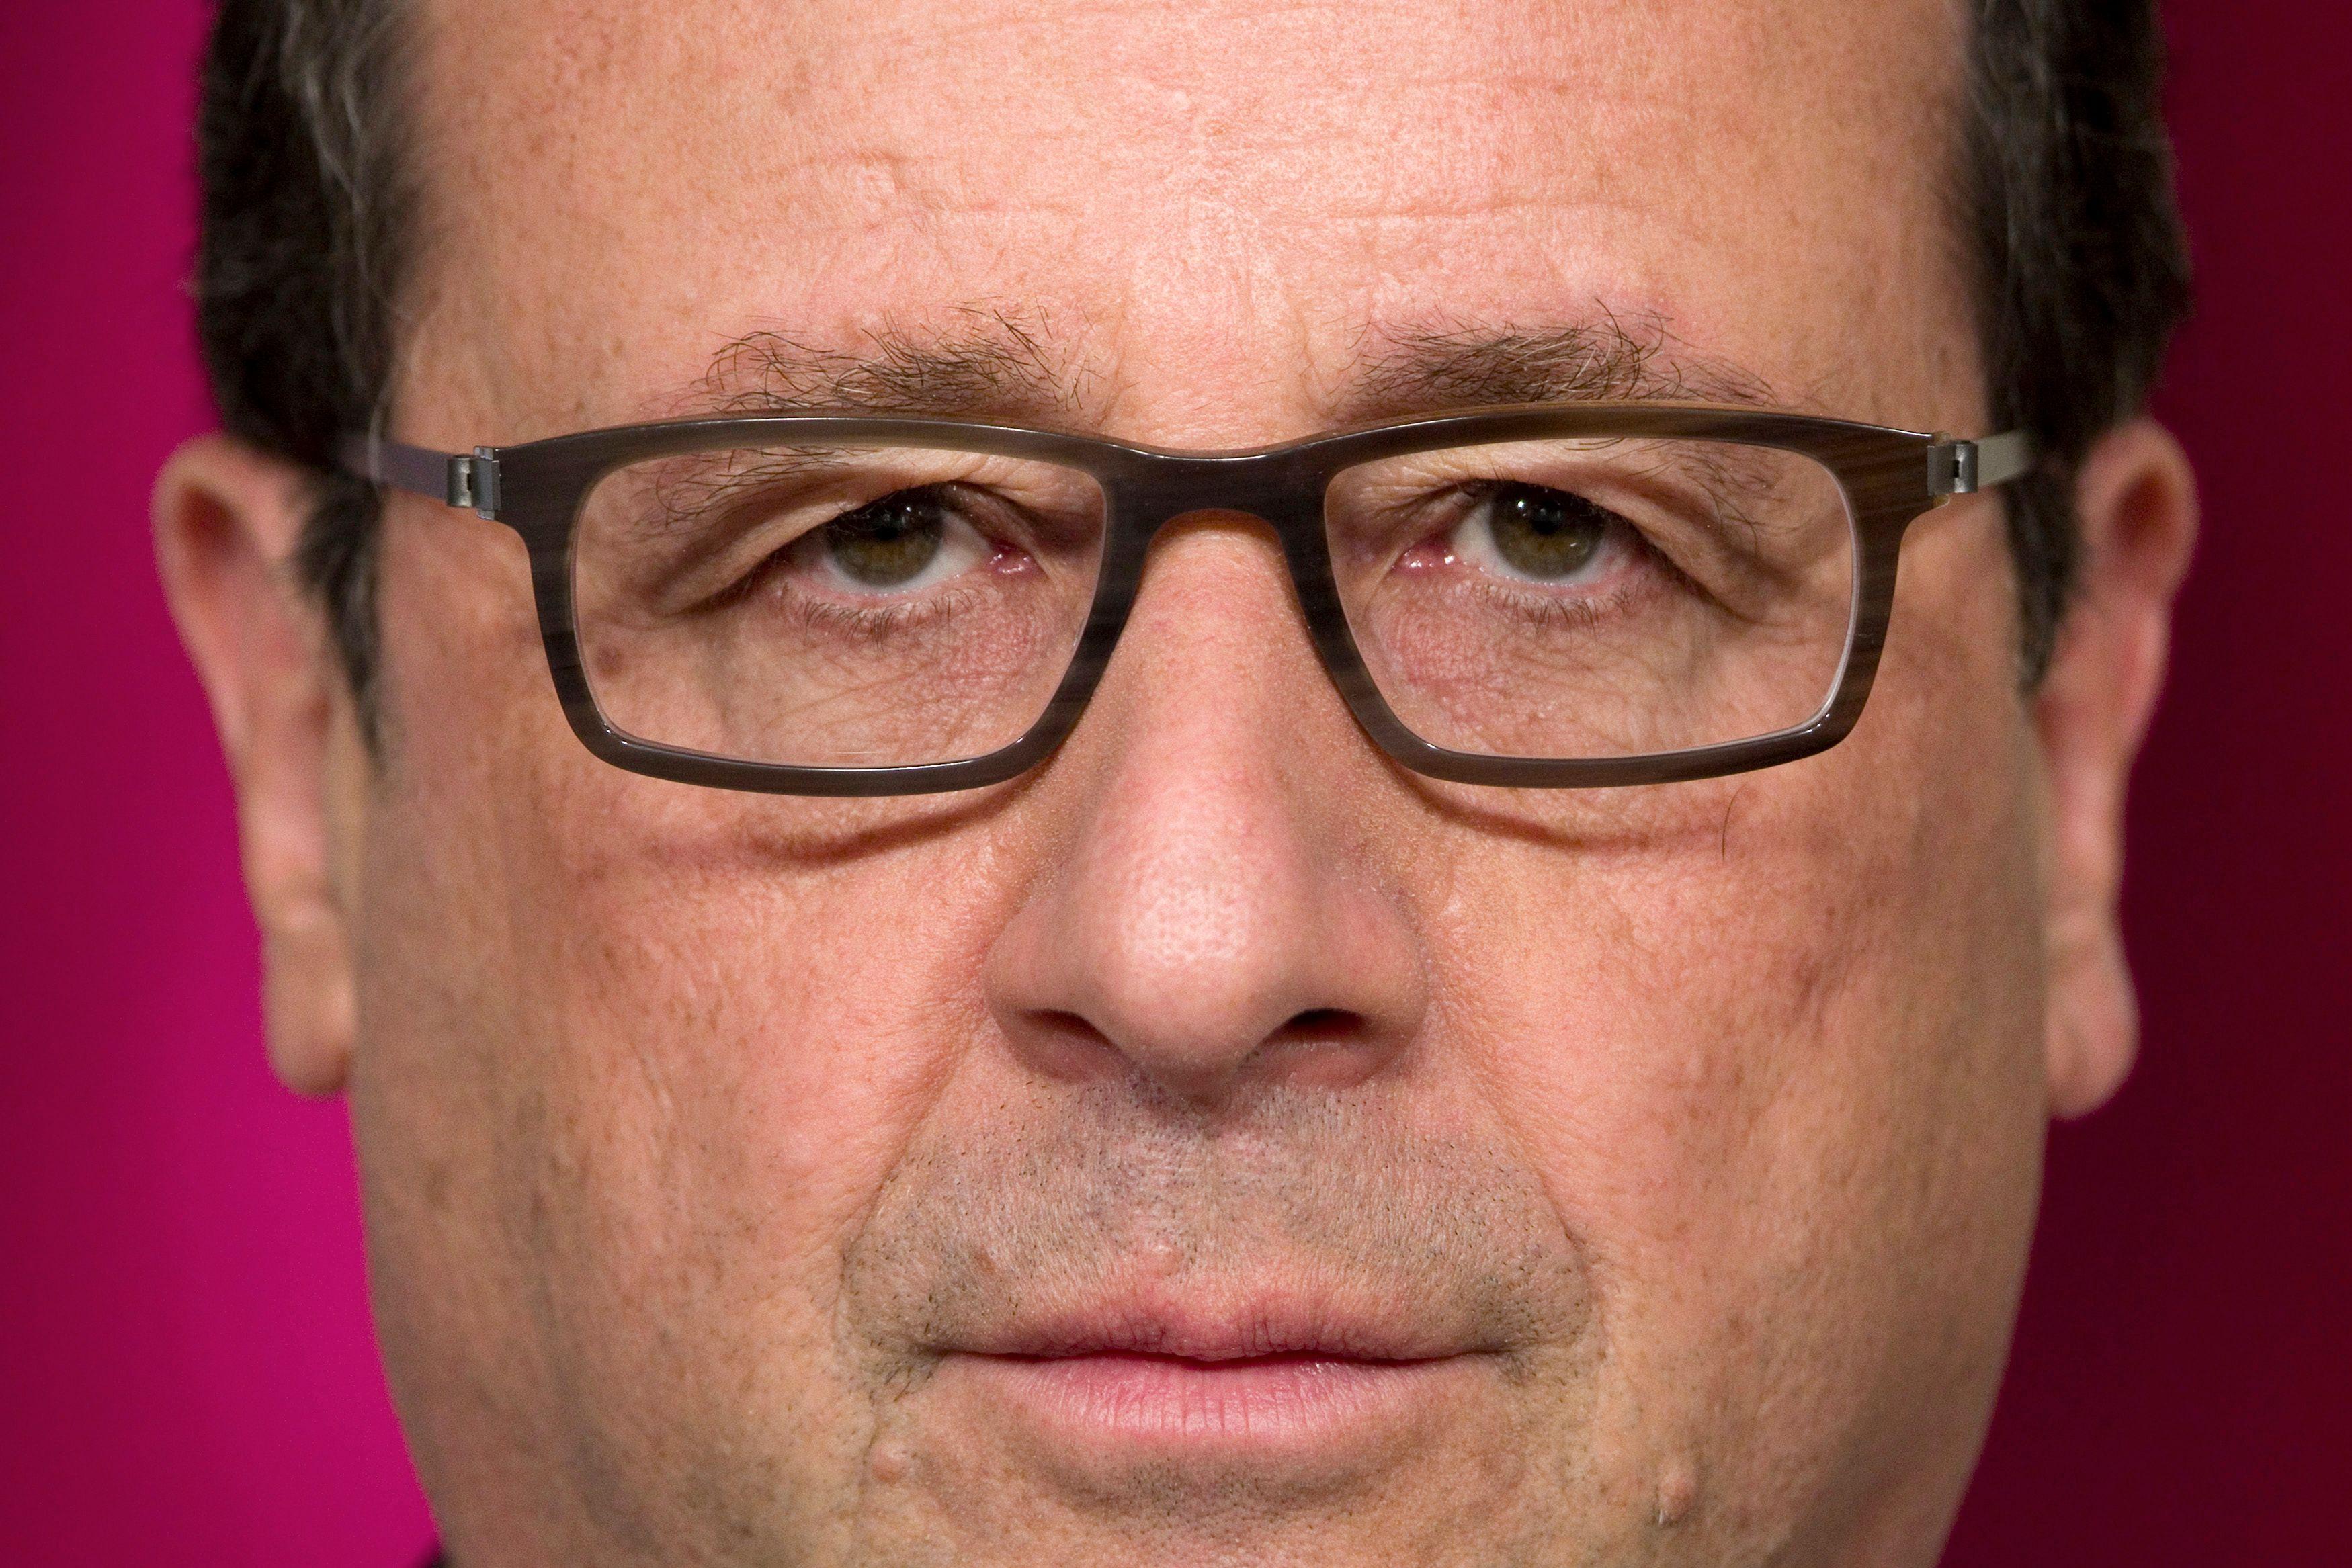 Les économistes sont à court de termes pour décrire à quel point l'économie française va mal.